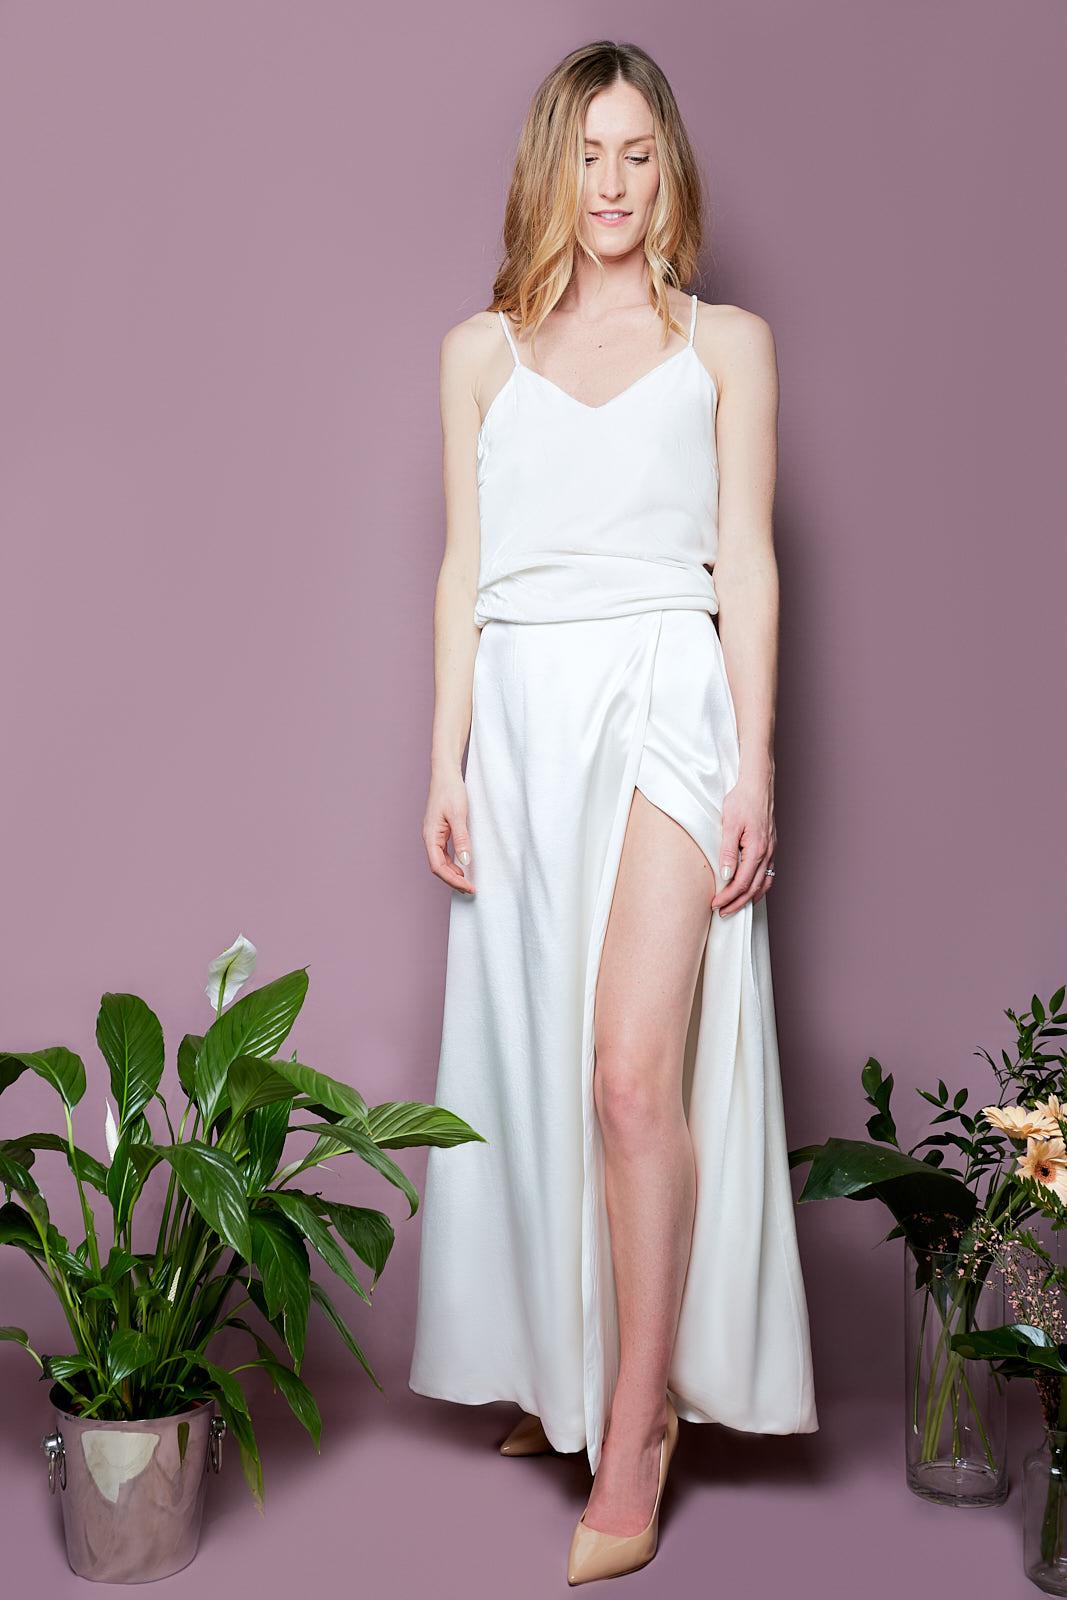 Silk Velvet Cami & Envelope Skirt  Silk Cotton Velvet Top with Spaghetti Straps  Envelope Skirt in Heavy Silk Satin, lined in Sandwashed Silk Satin